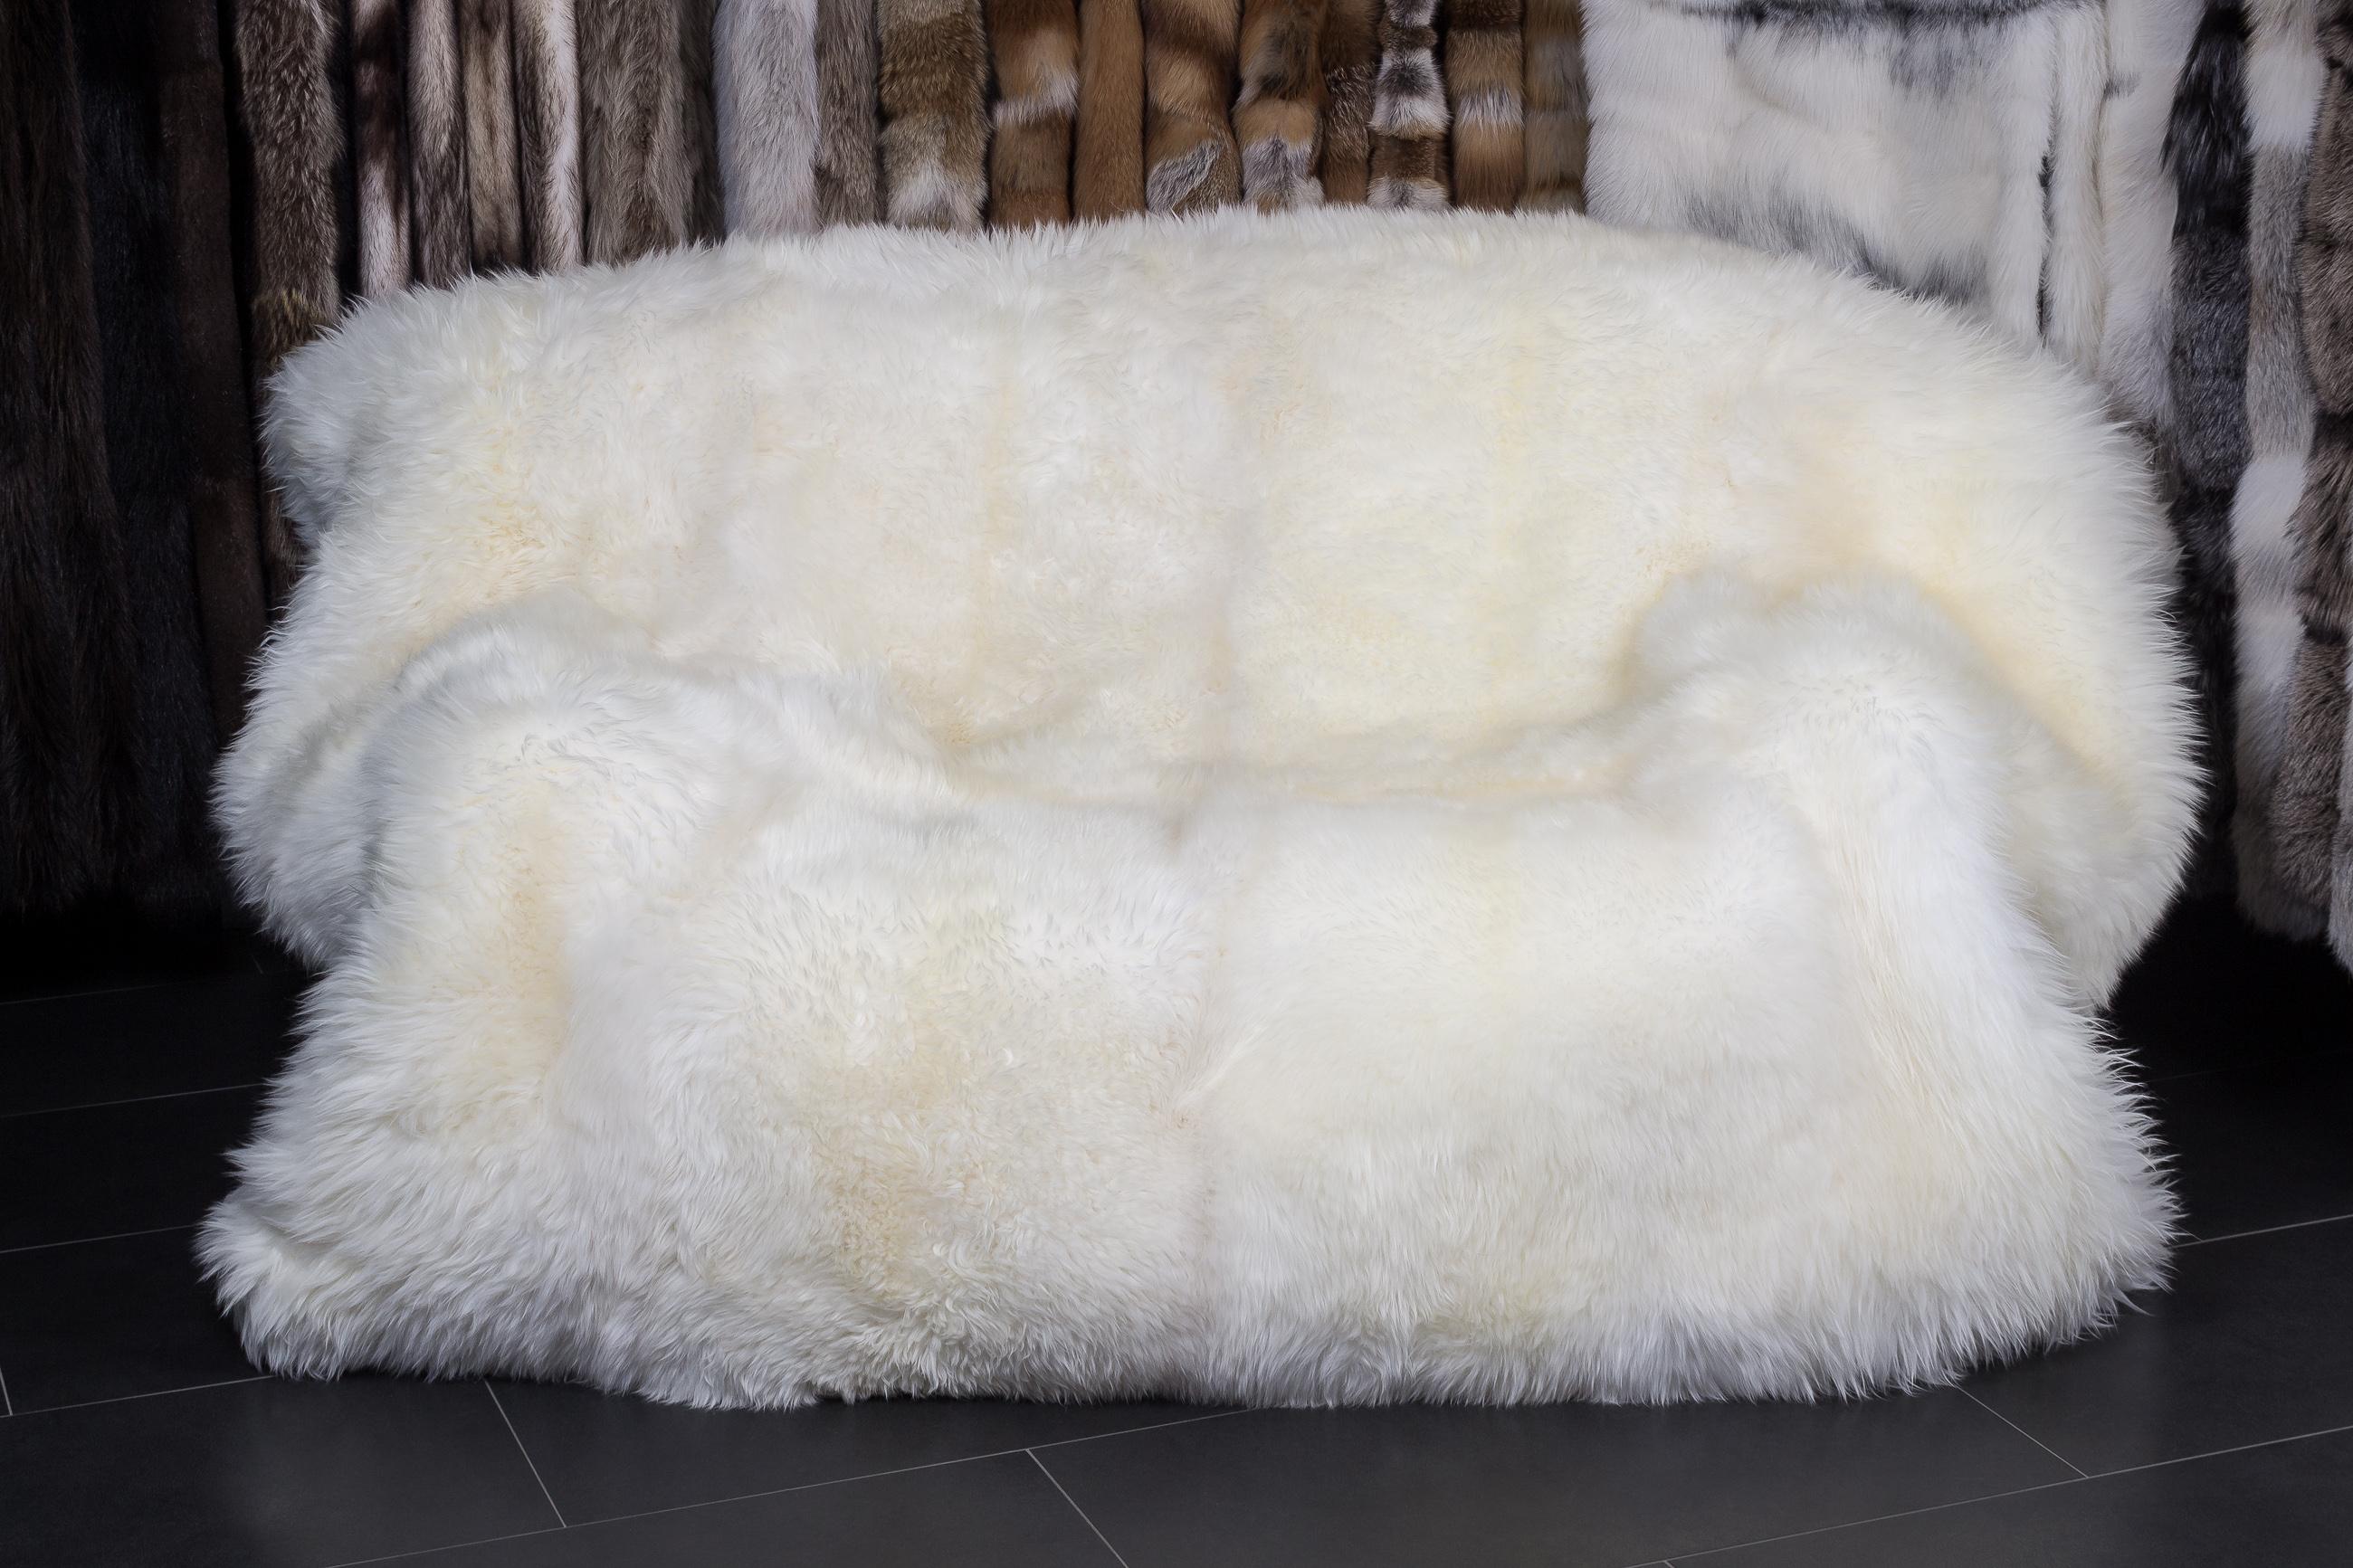 Natural Tibetan Lamb Rug Goat Skin Blanket Mongolian Blanket Sheep Fur Entertainment Memorabilia